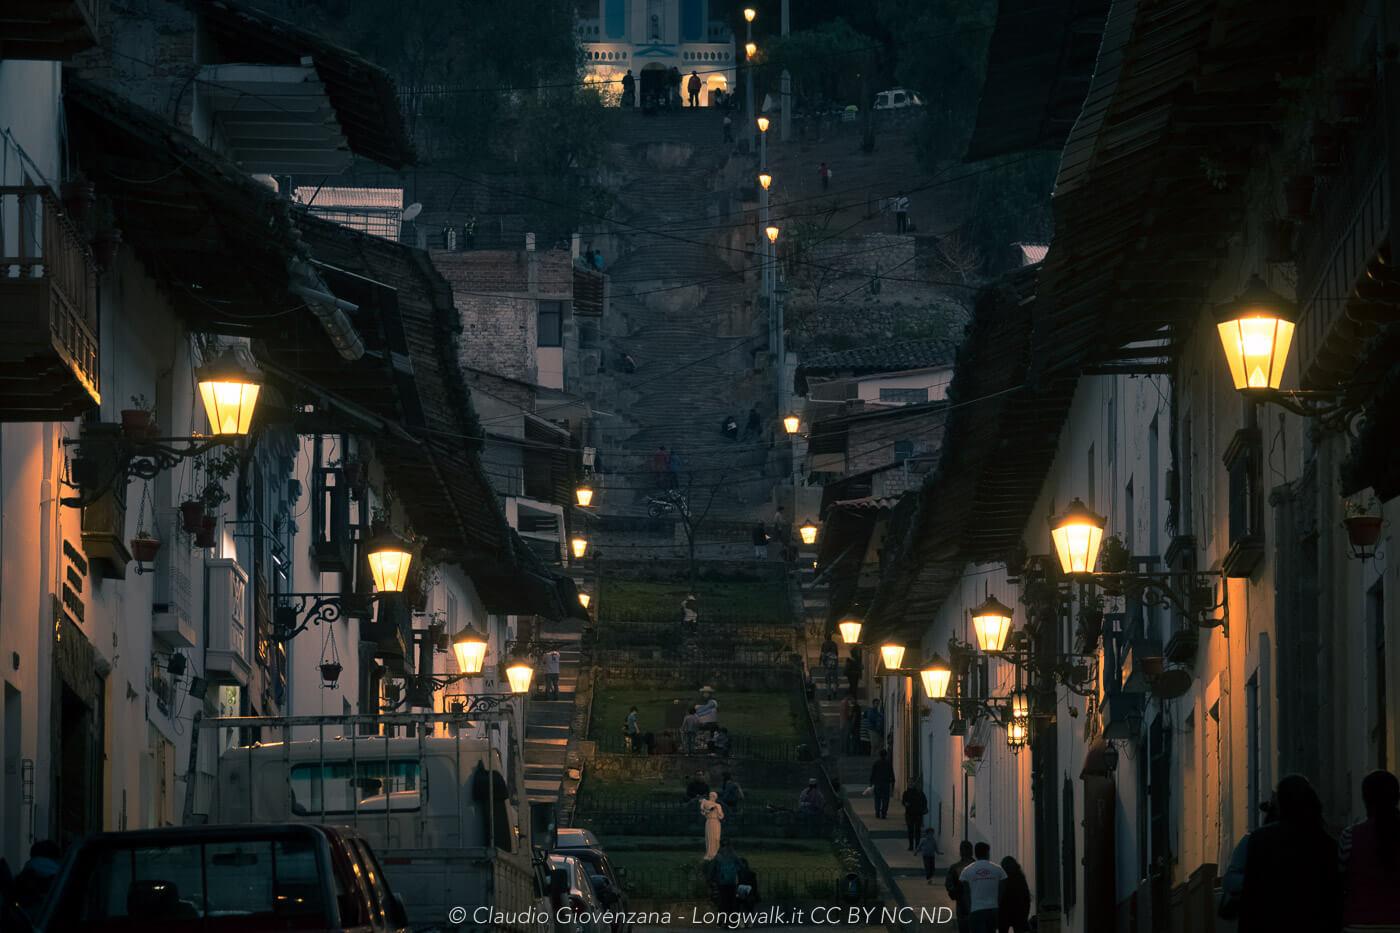 Cajamarca di notte